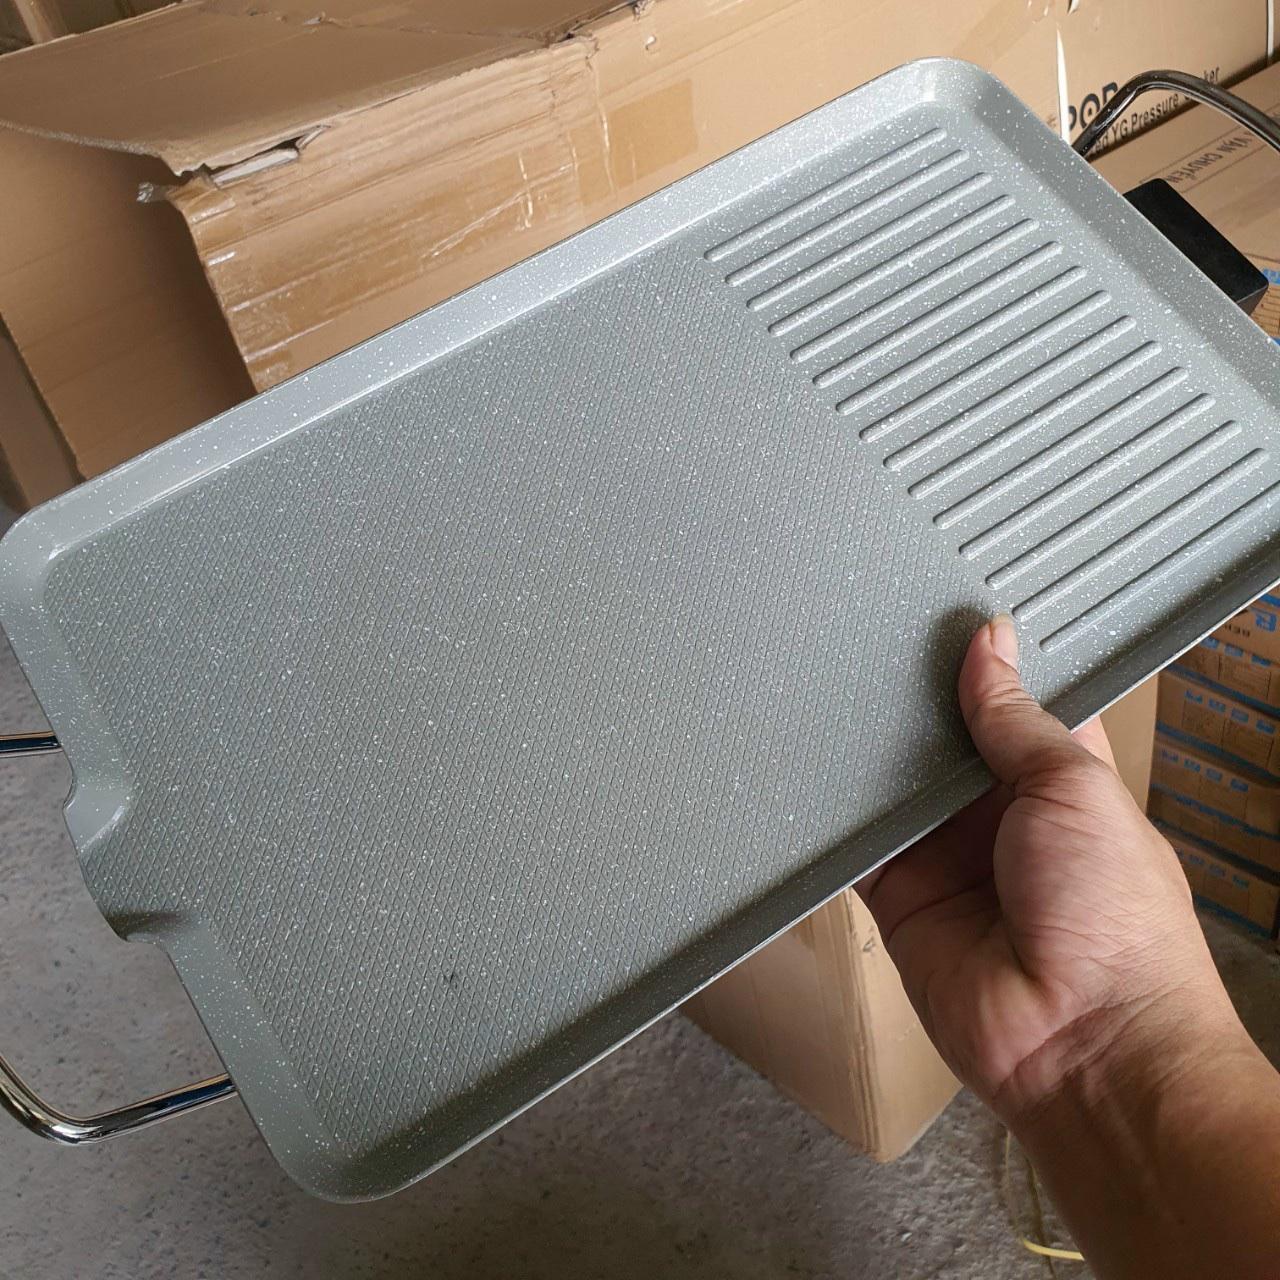 Bếp nướng điện không khói Fujika FJ-EG3515 men chống dính vân đá, công suất 1400W, màu ngẫu nhiên-hàng chính hãng